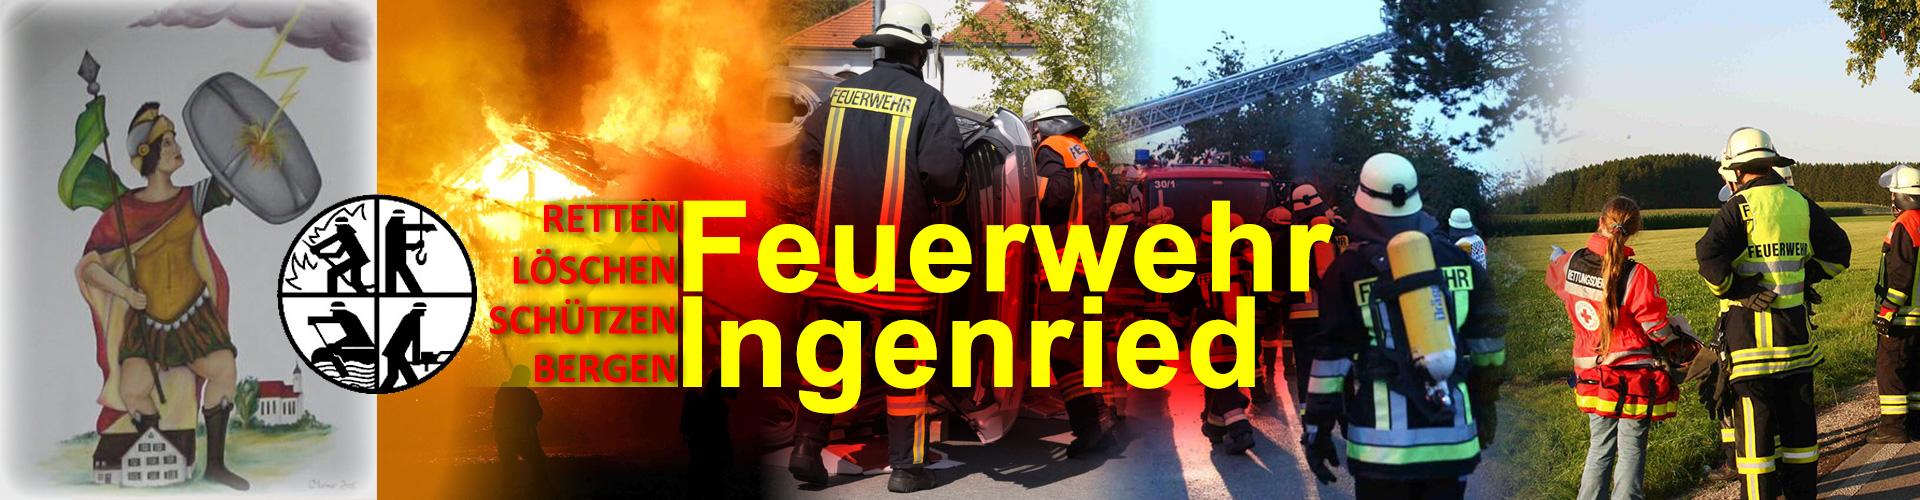 Freiwillige Feuerwehr Ingenried